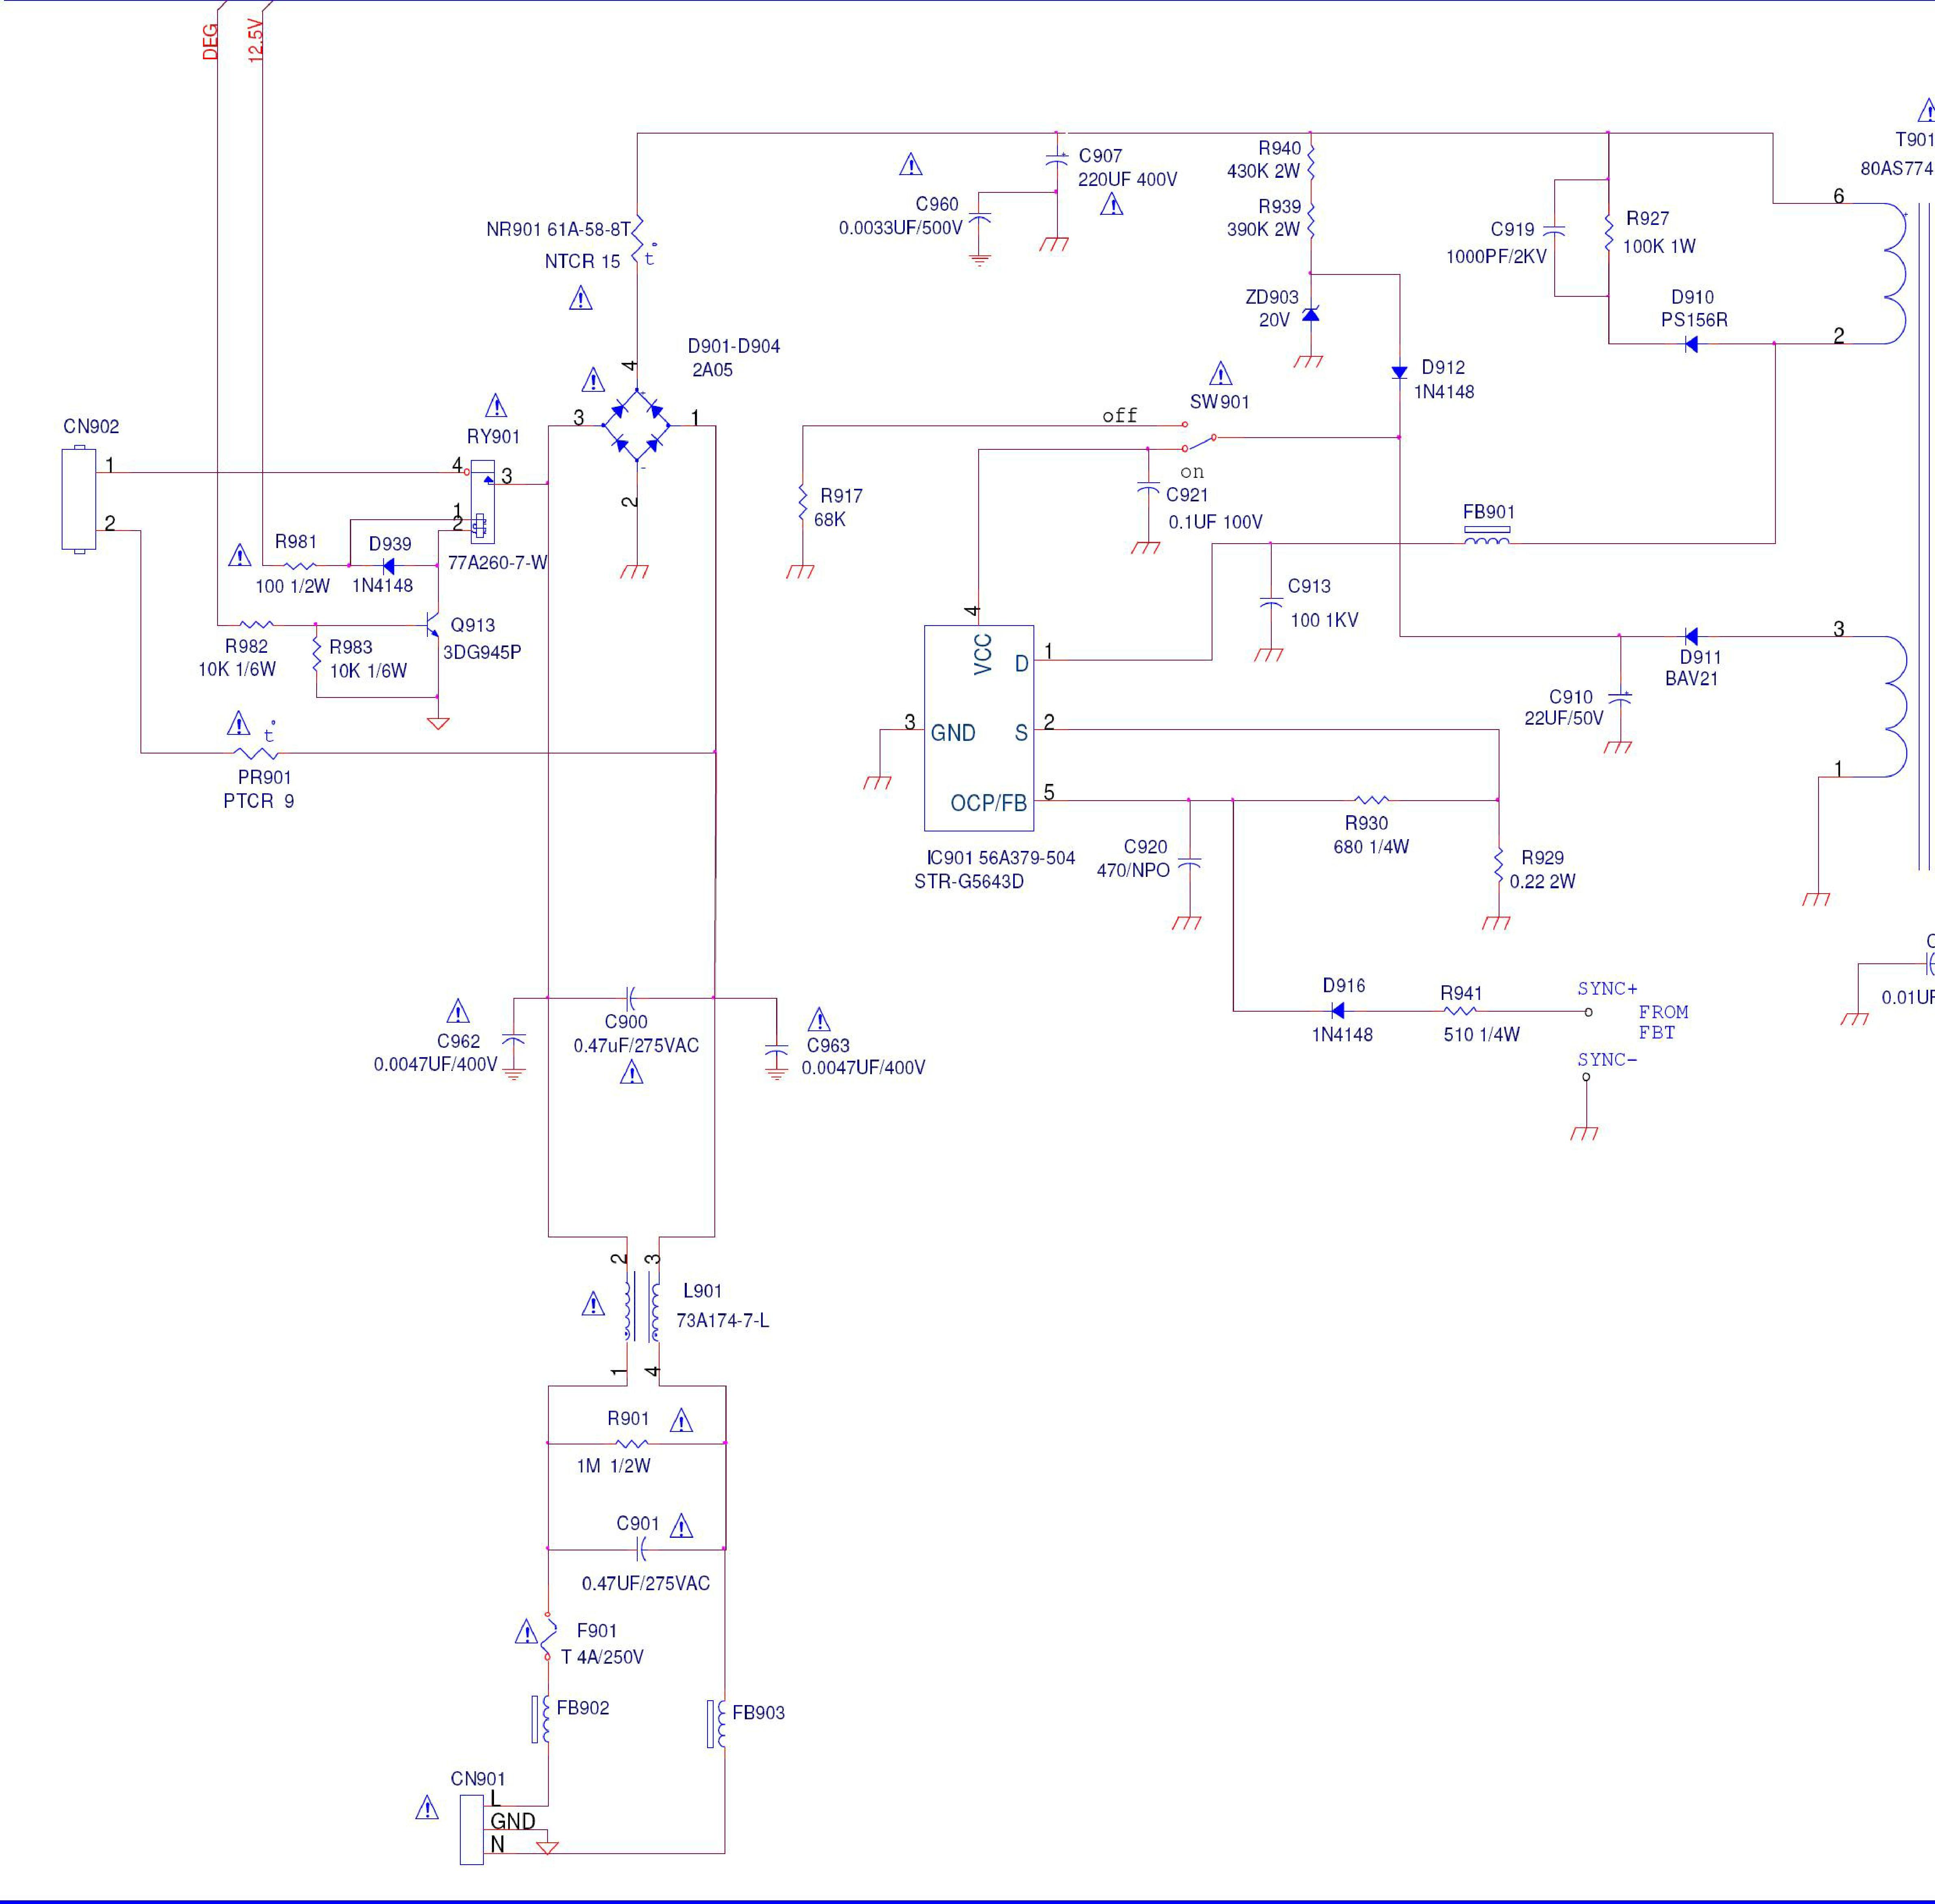 Str-g5643d Datasheet - Strg5643d